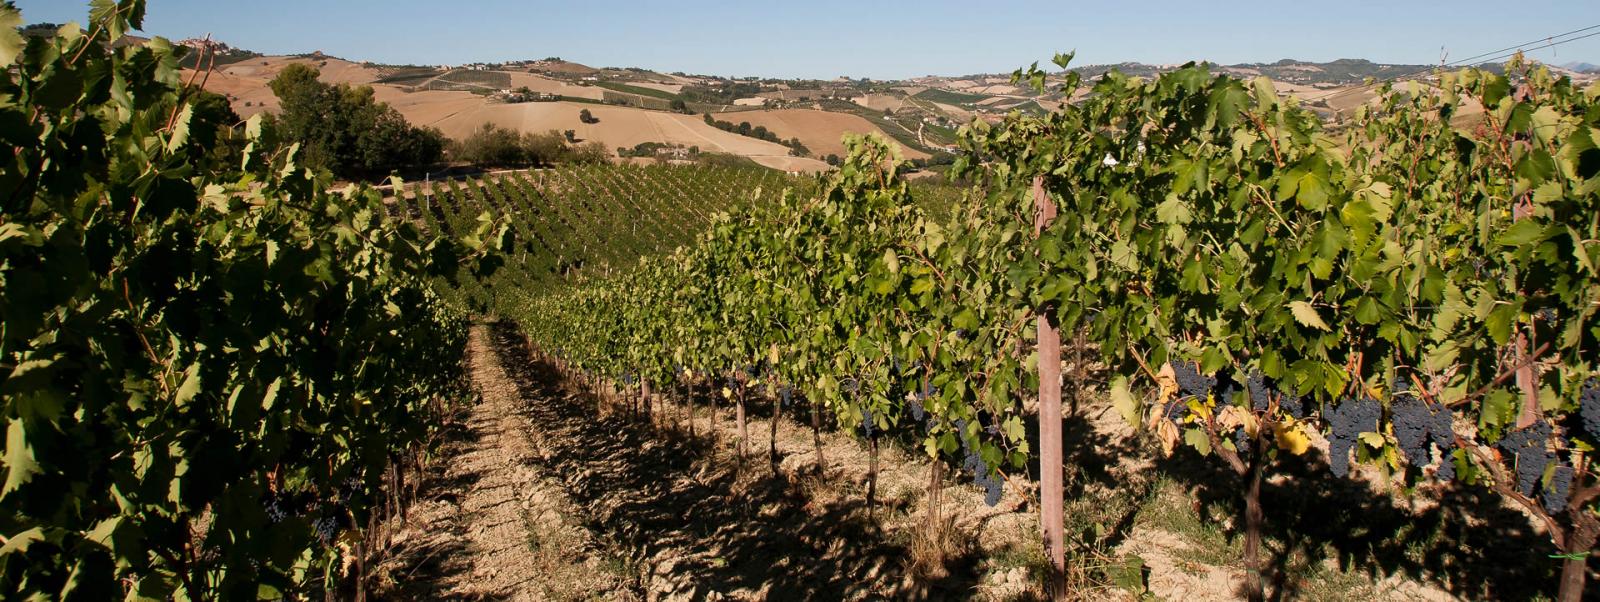 khu vực rượu vang montepulciano